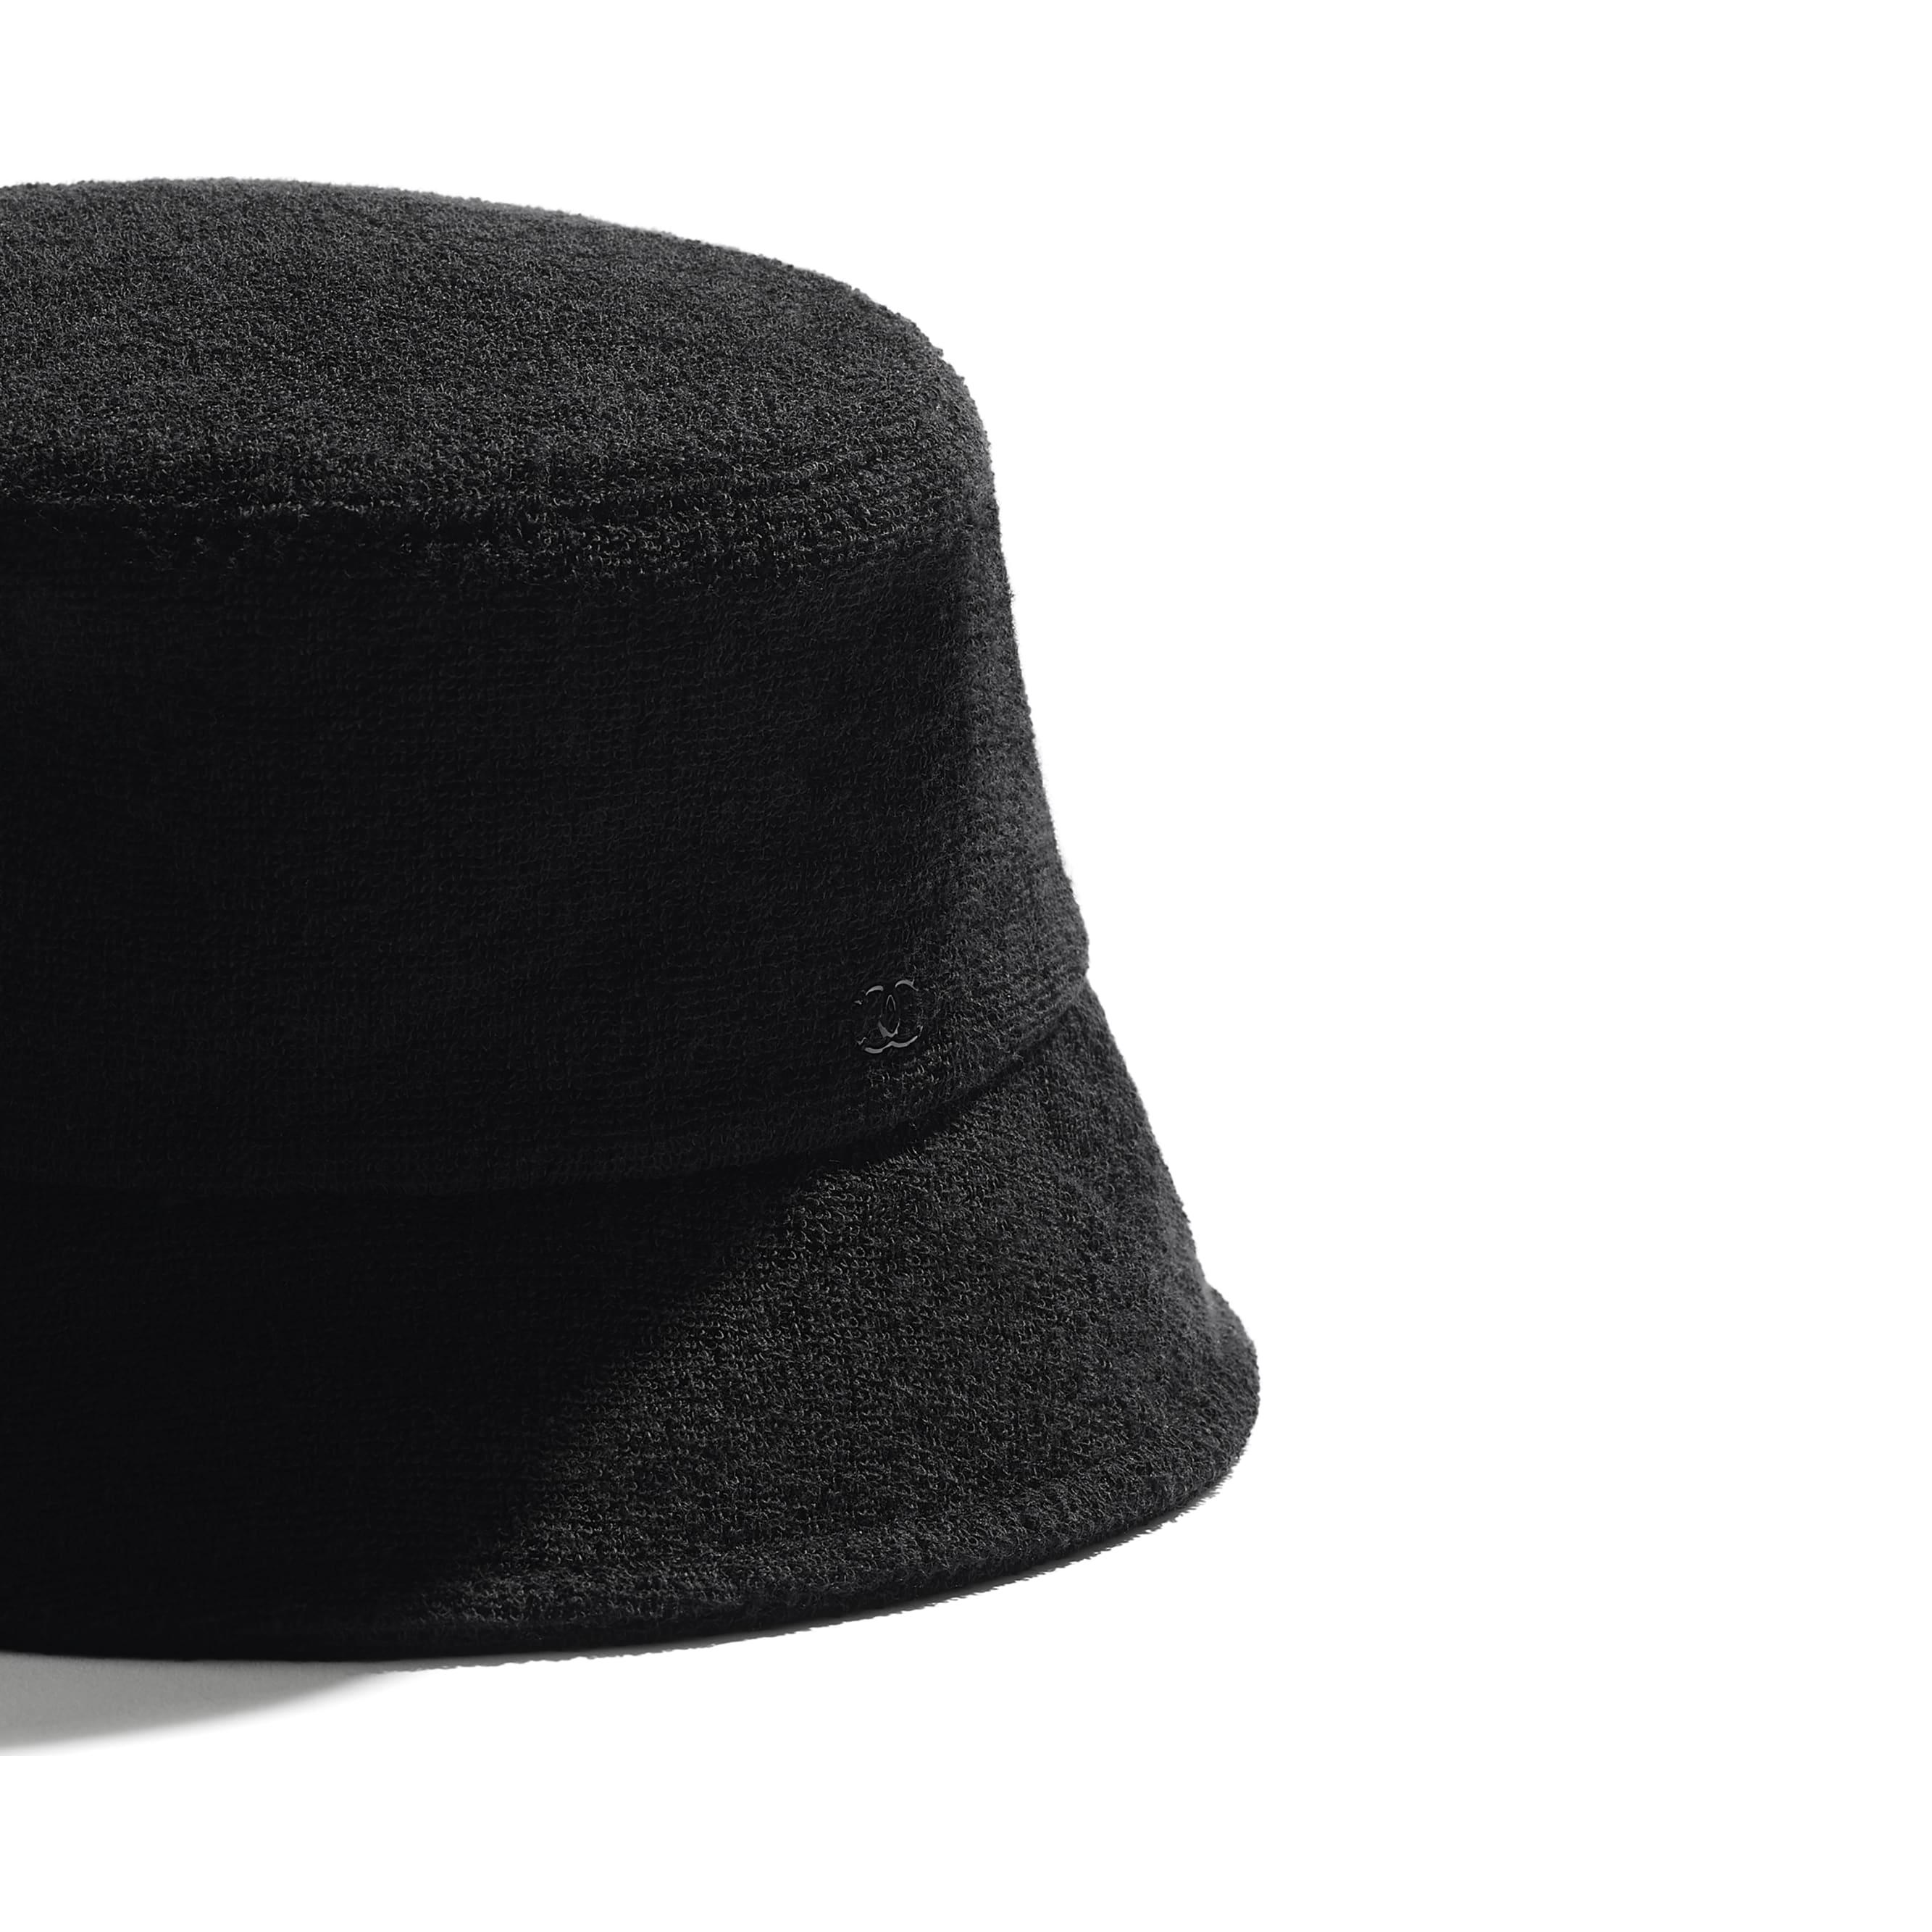 Chapéu - Preto - Tecido De Algodão - CHANEL - Vista alternativa - ver a versão em tamanho standard